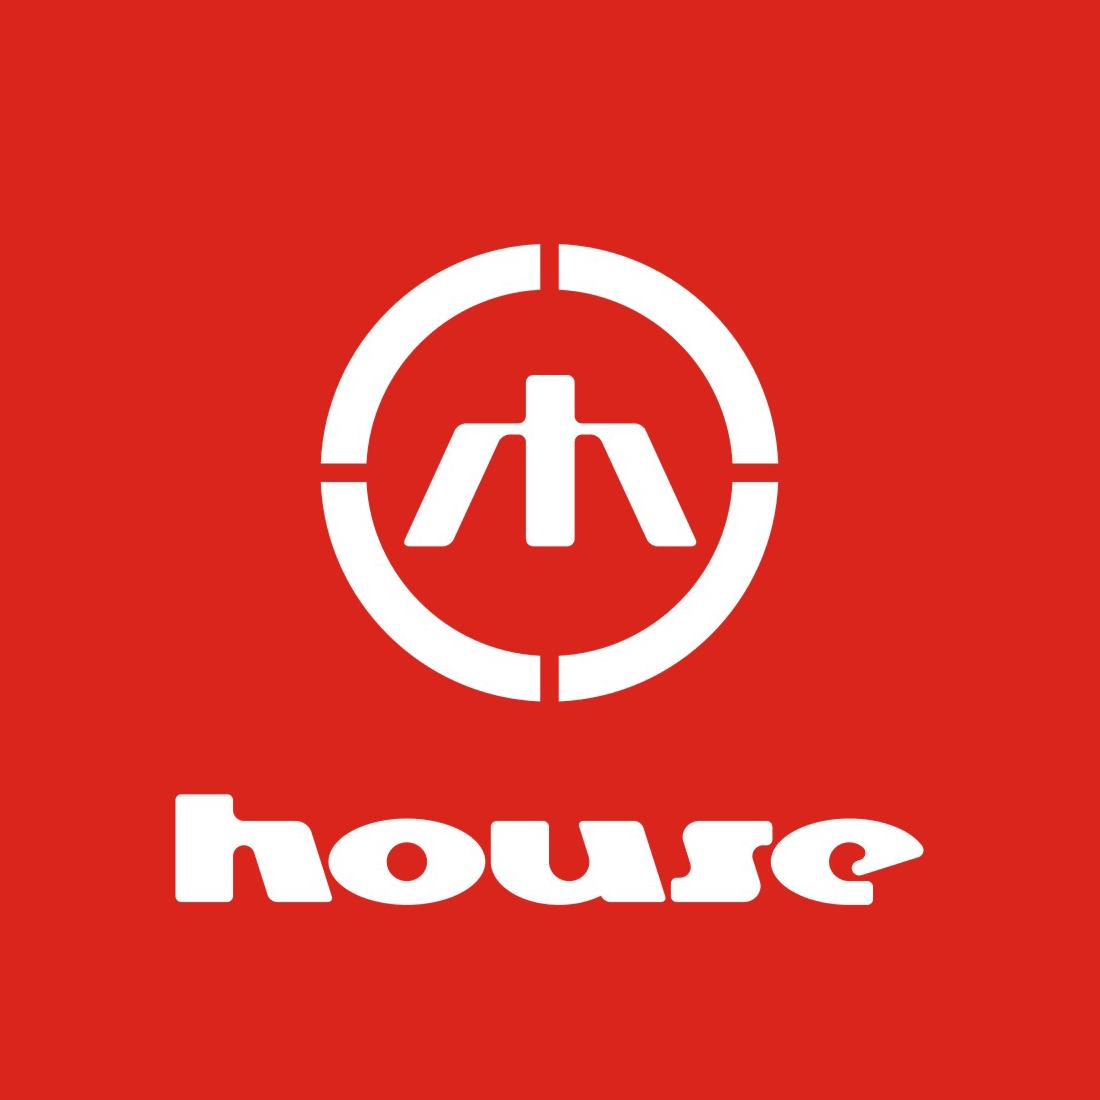 Kupon -40% na nową kolekcję @ House